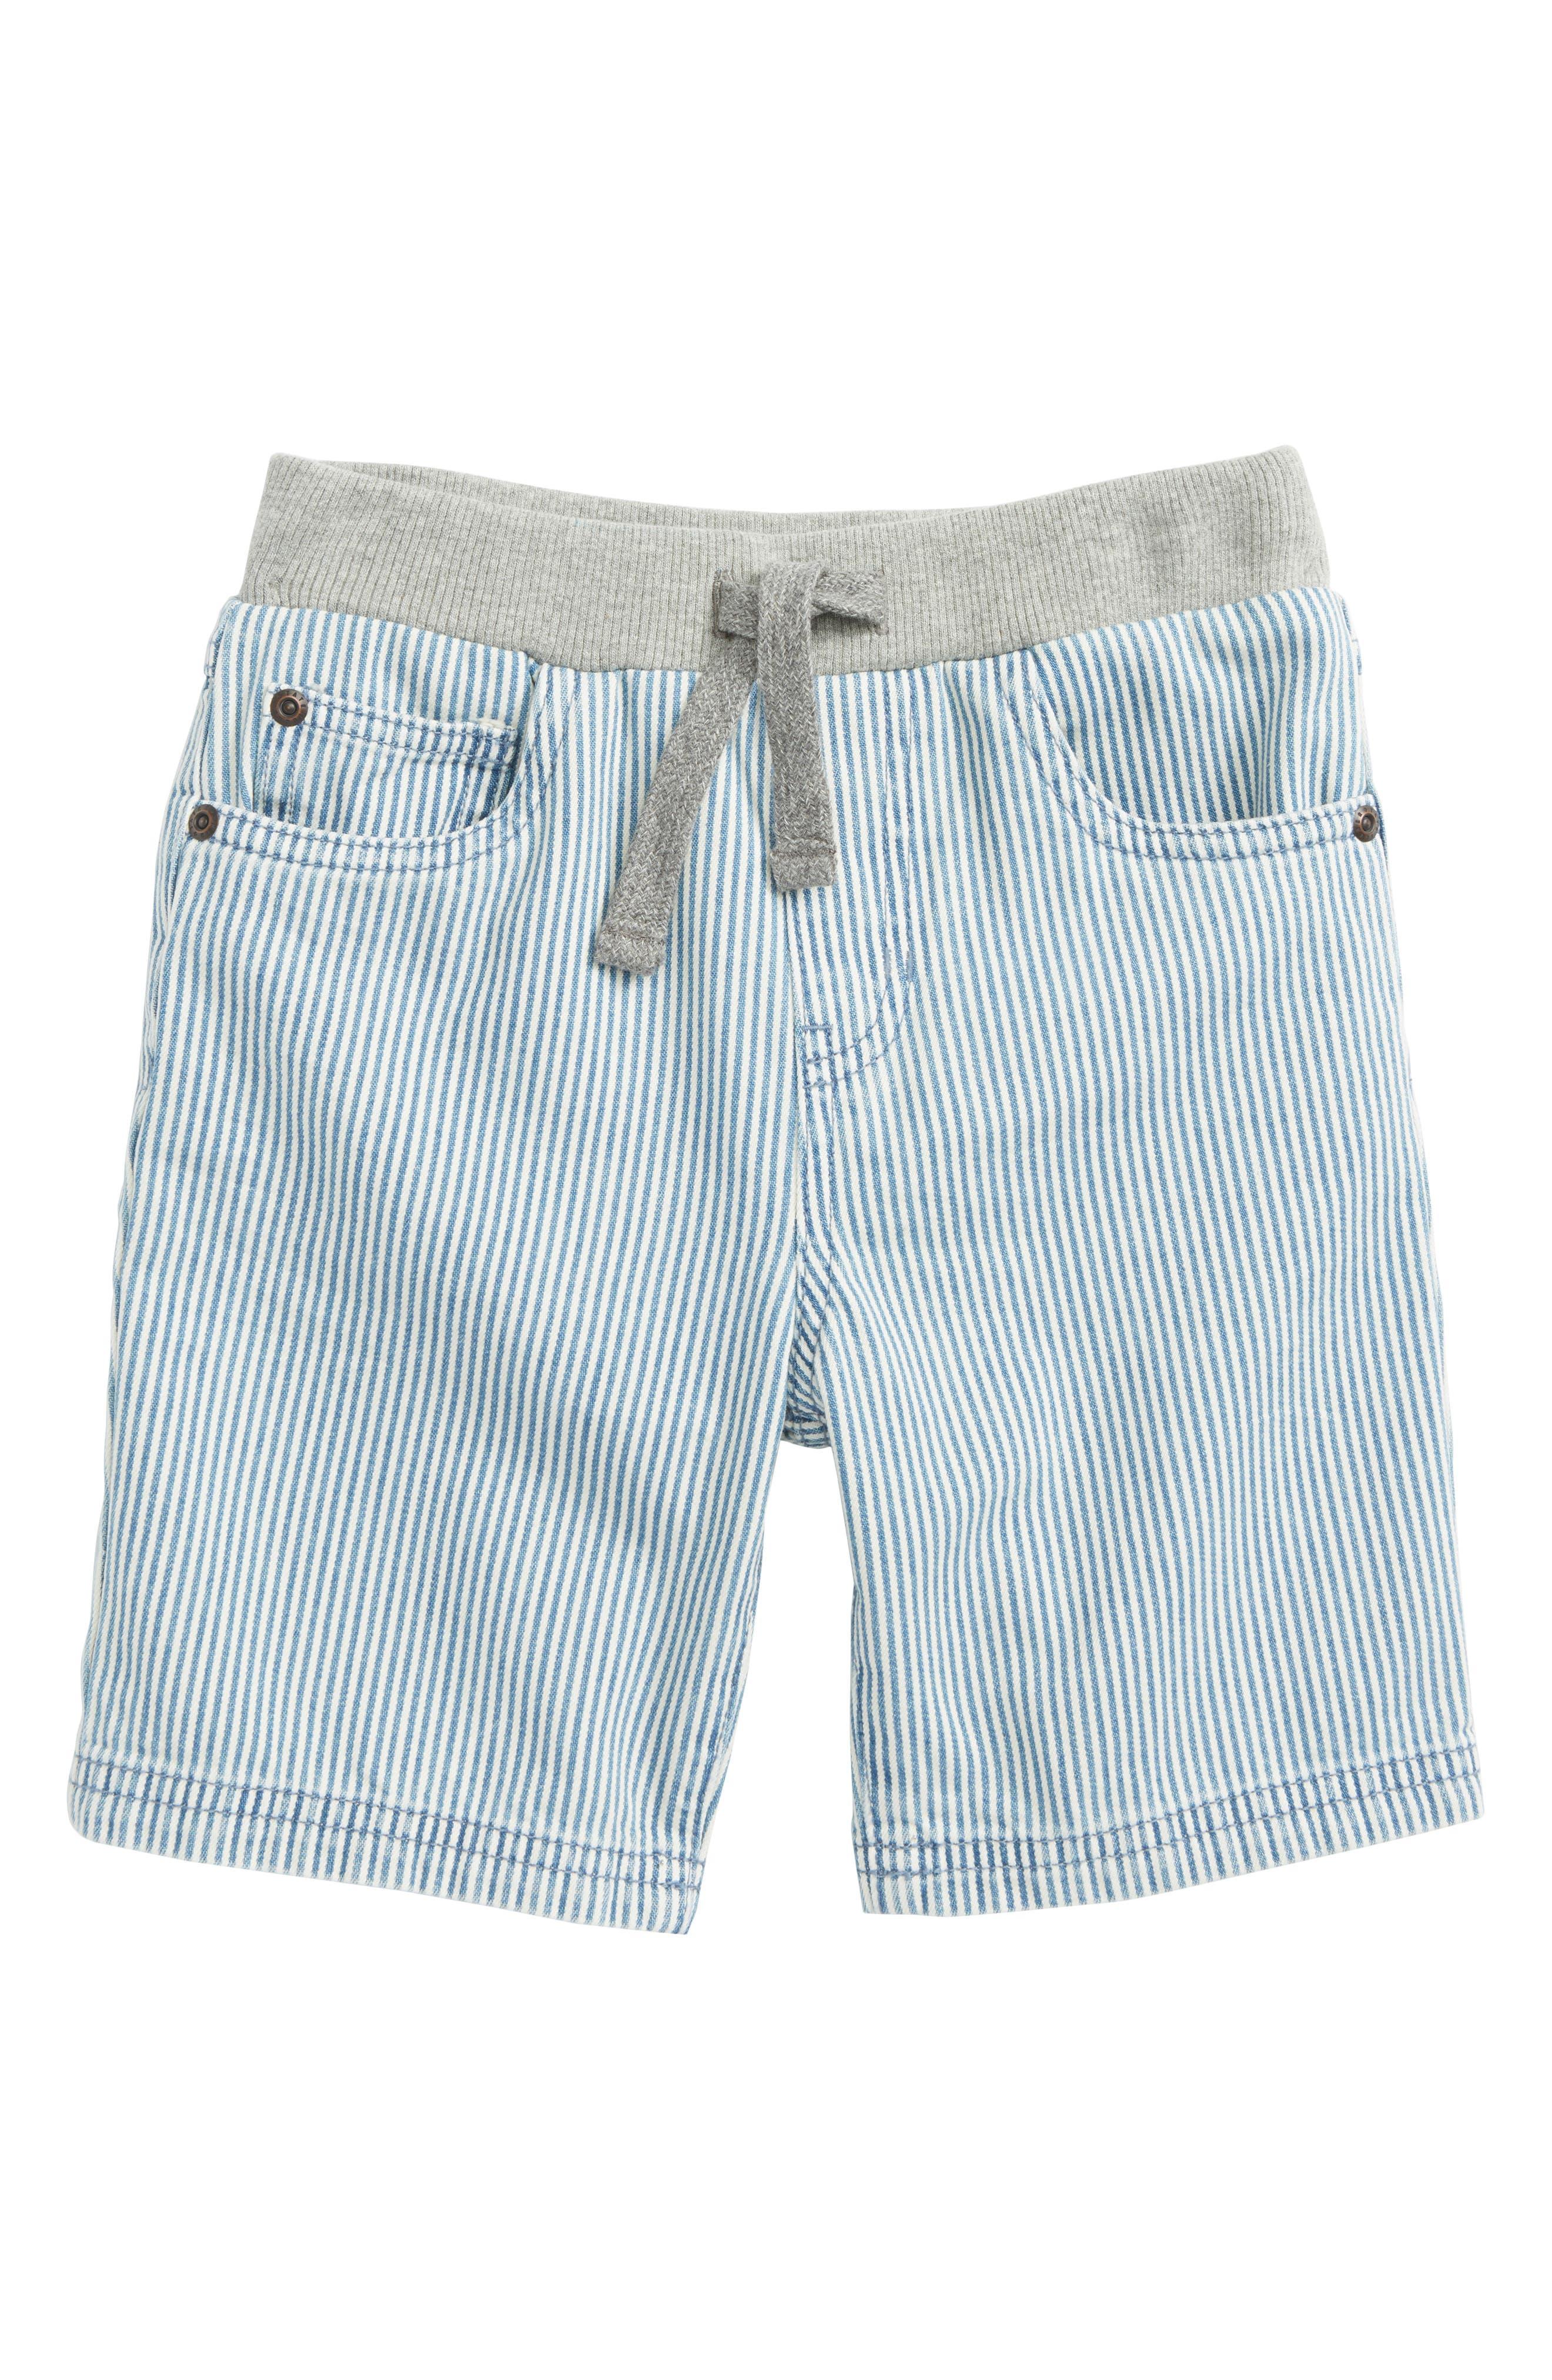 Stripe Shorts,                             Main thumbnail 1, color,